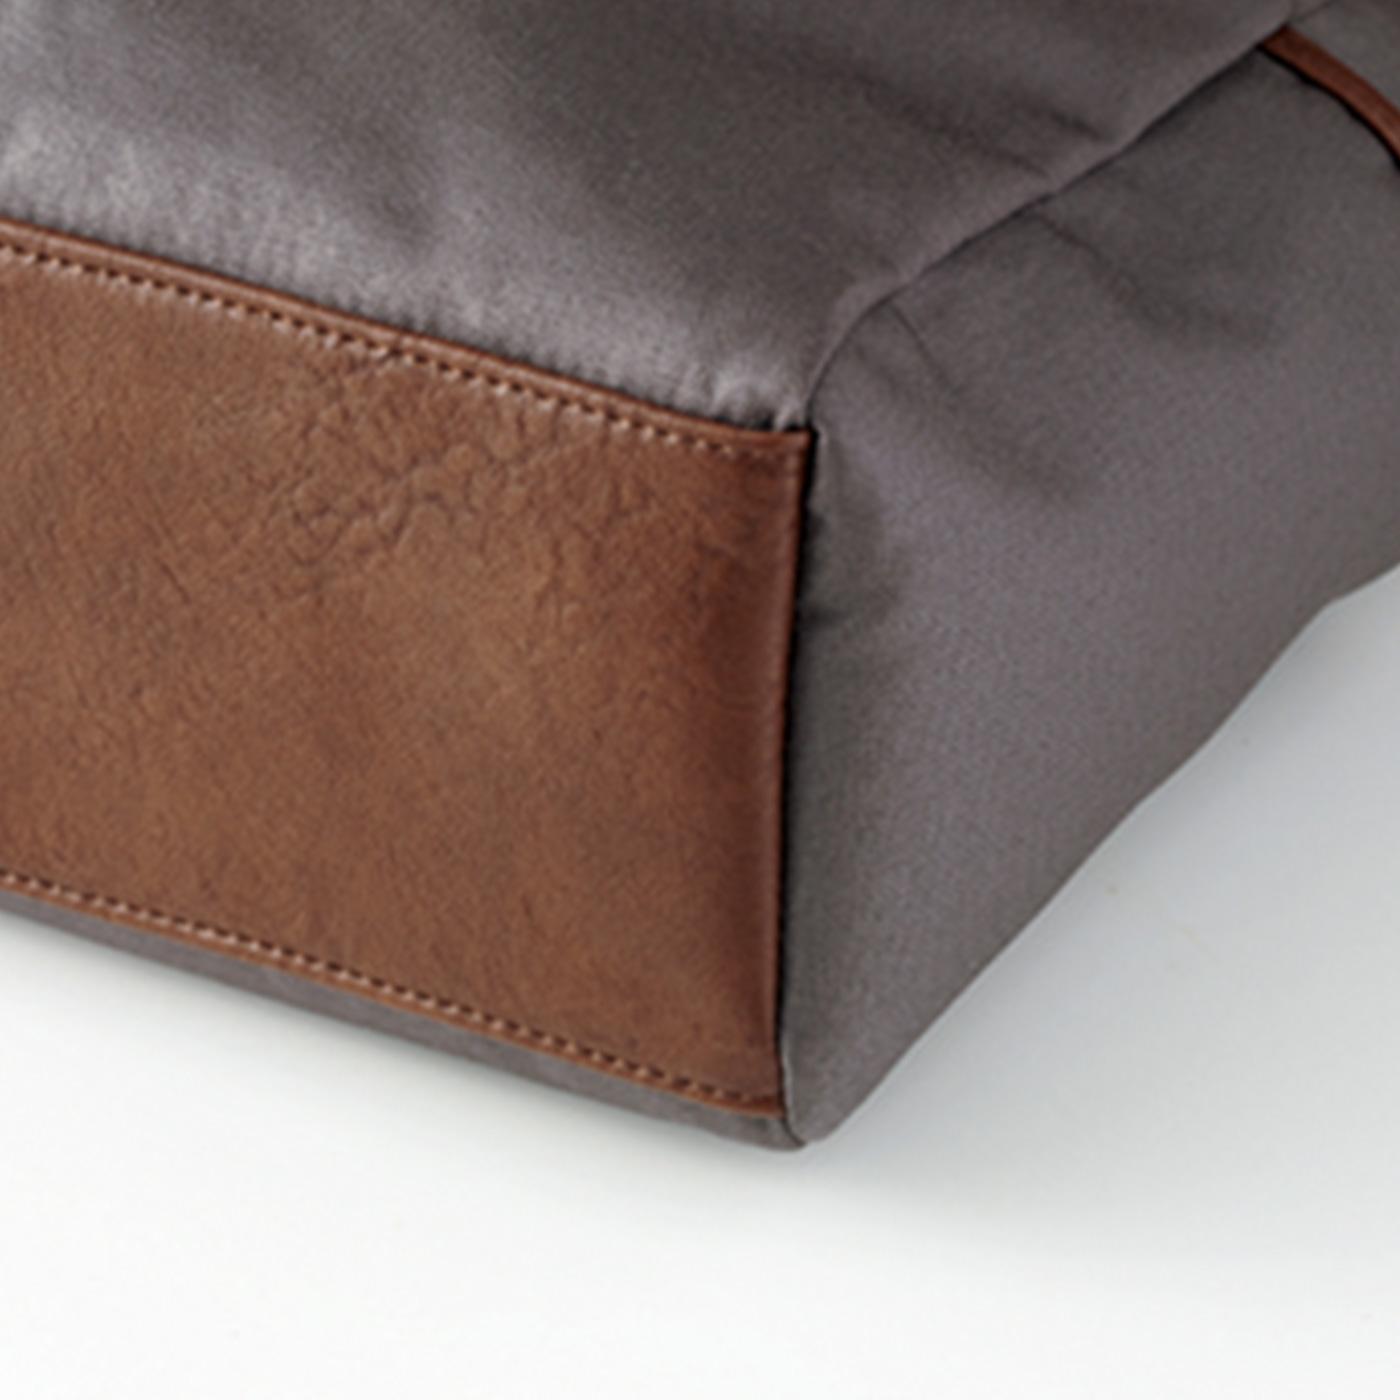 底部分は丈夫な合皮素材で、荷物をたくさん入れても安心。